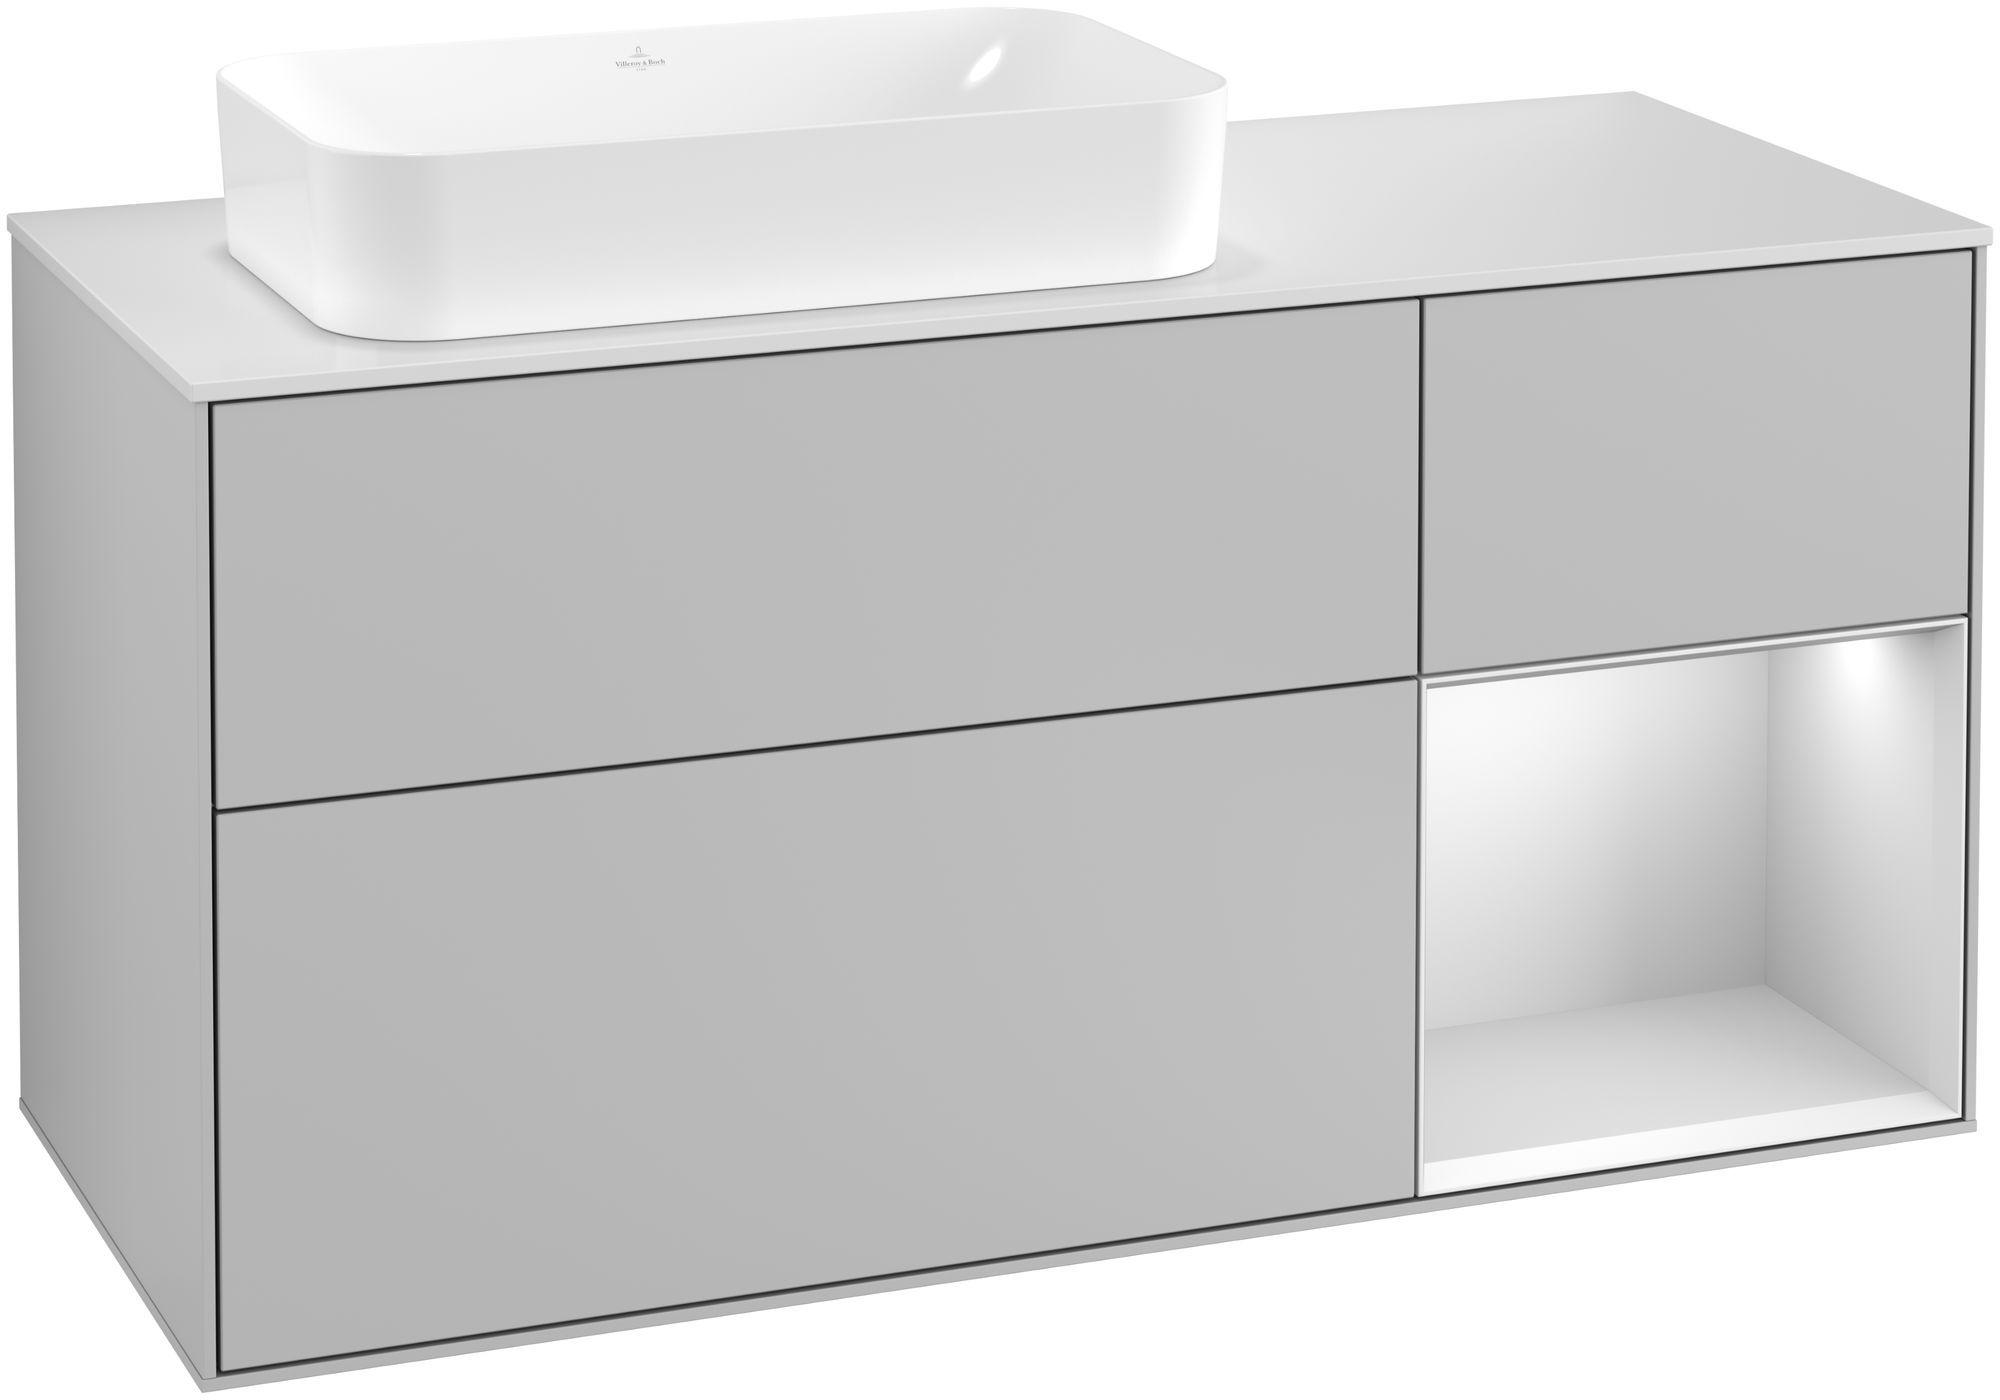 Villeroy & Boch Finion G28 Waschtischunterschrank mit Regalelement 3 Auszüge Waschtisch links LED-Beleuchtung B:120xH:60,3xT:50,1cm Front, Korpus: Light Grey Matt, Regal: Weiß Matt Soft Grey, Glasplatte: White Matt G281MTGJ